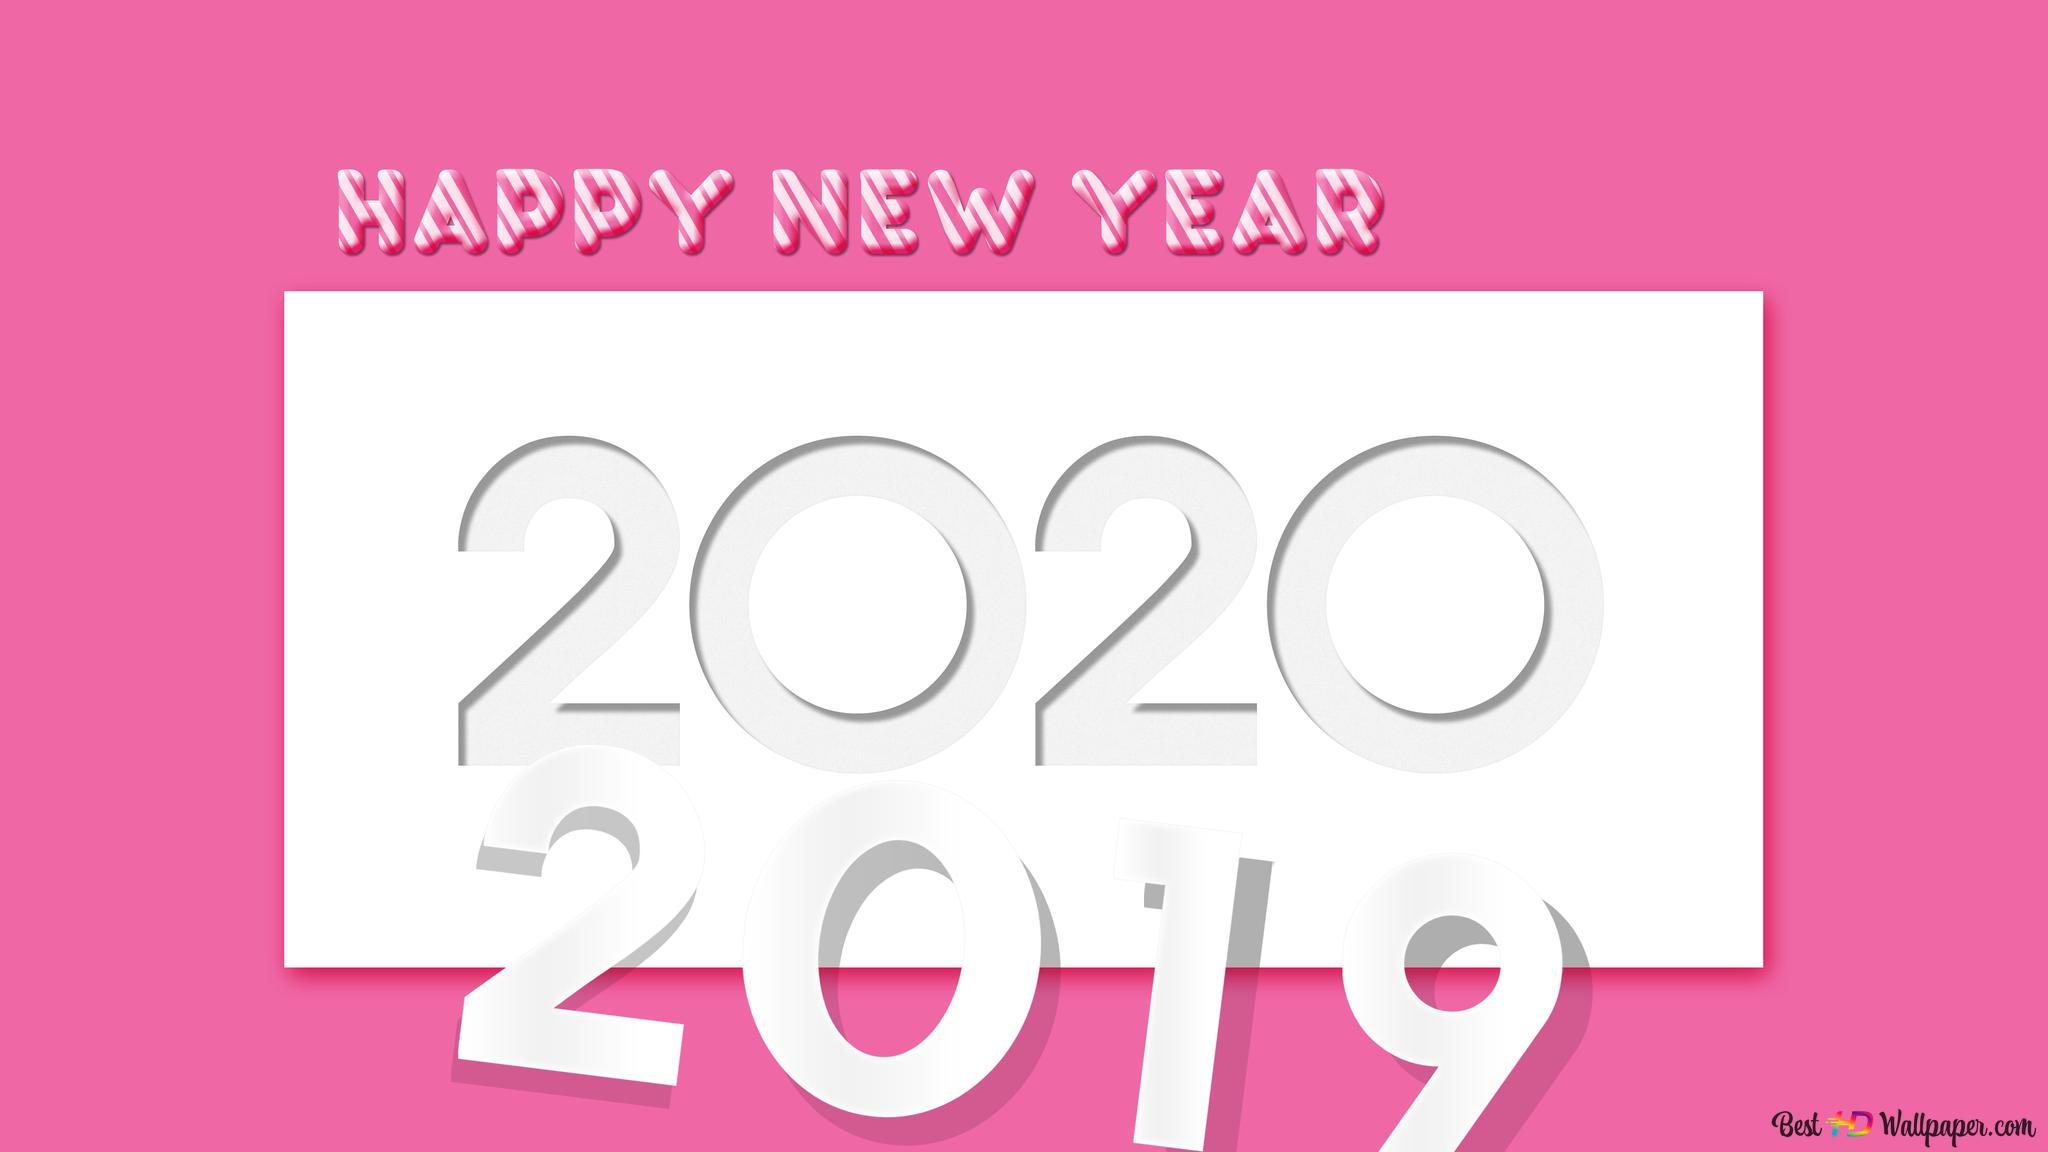 Le Passage A L Annee 2020 Avec Un Fond Rose Et Blanc Hd Fond D Ecran Telecharger